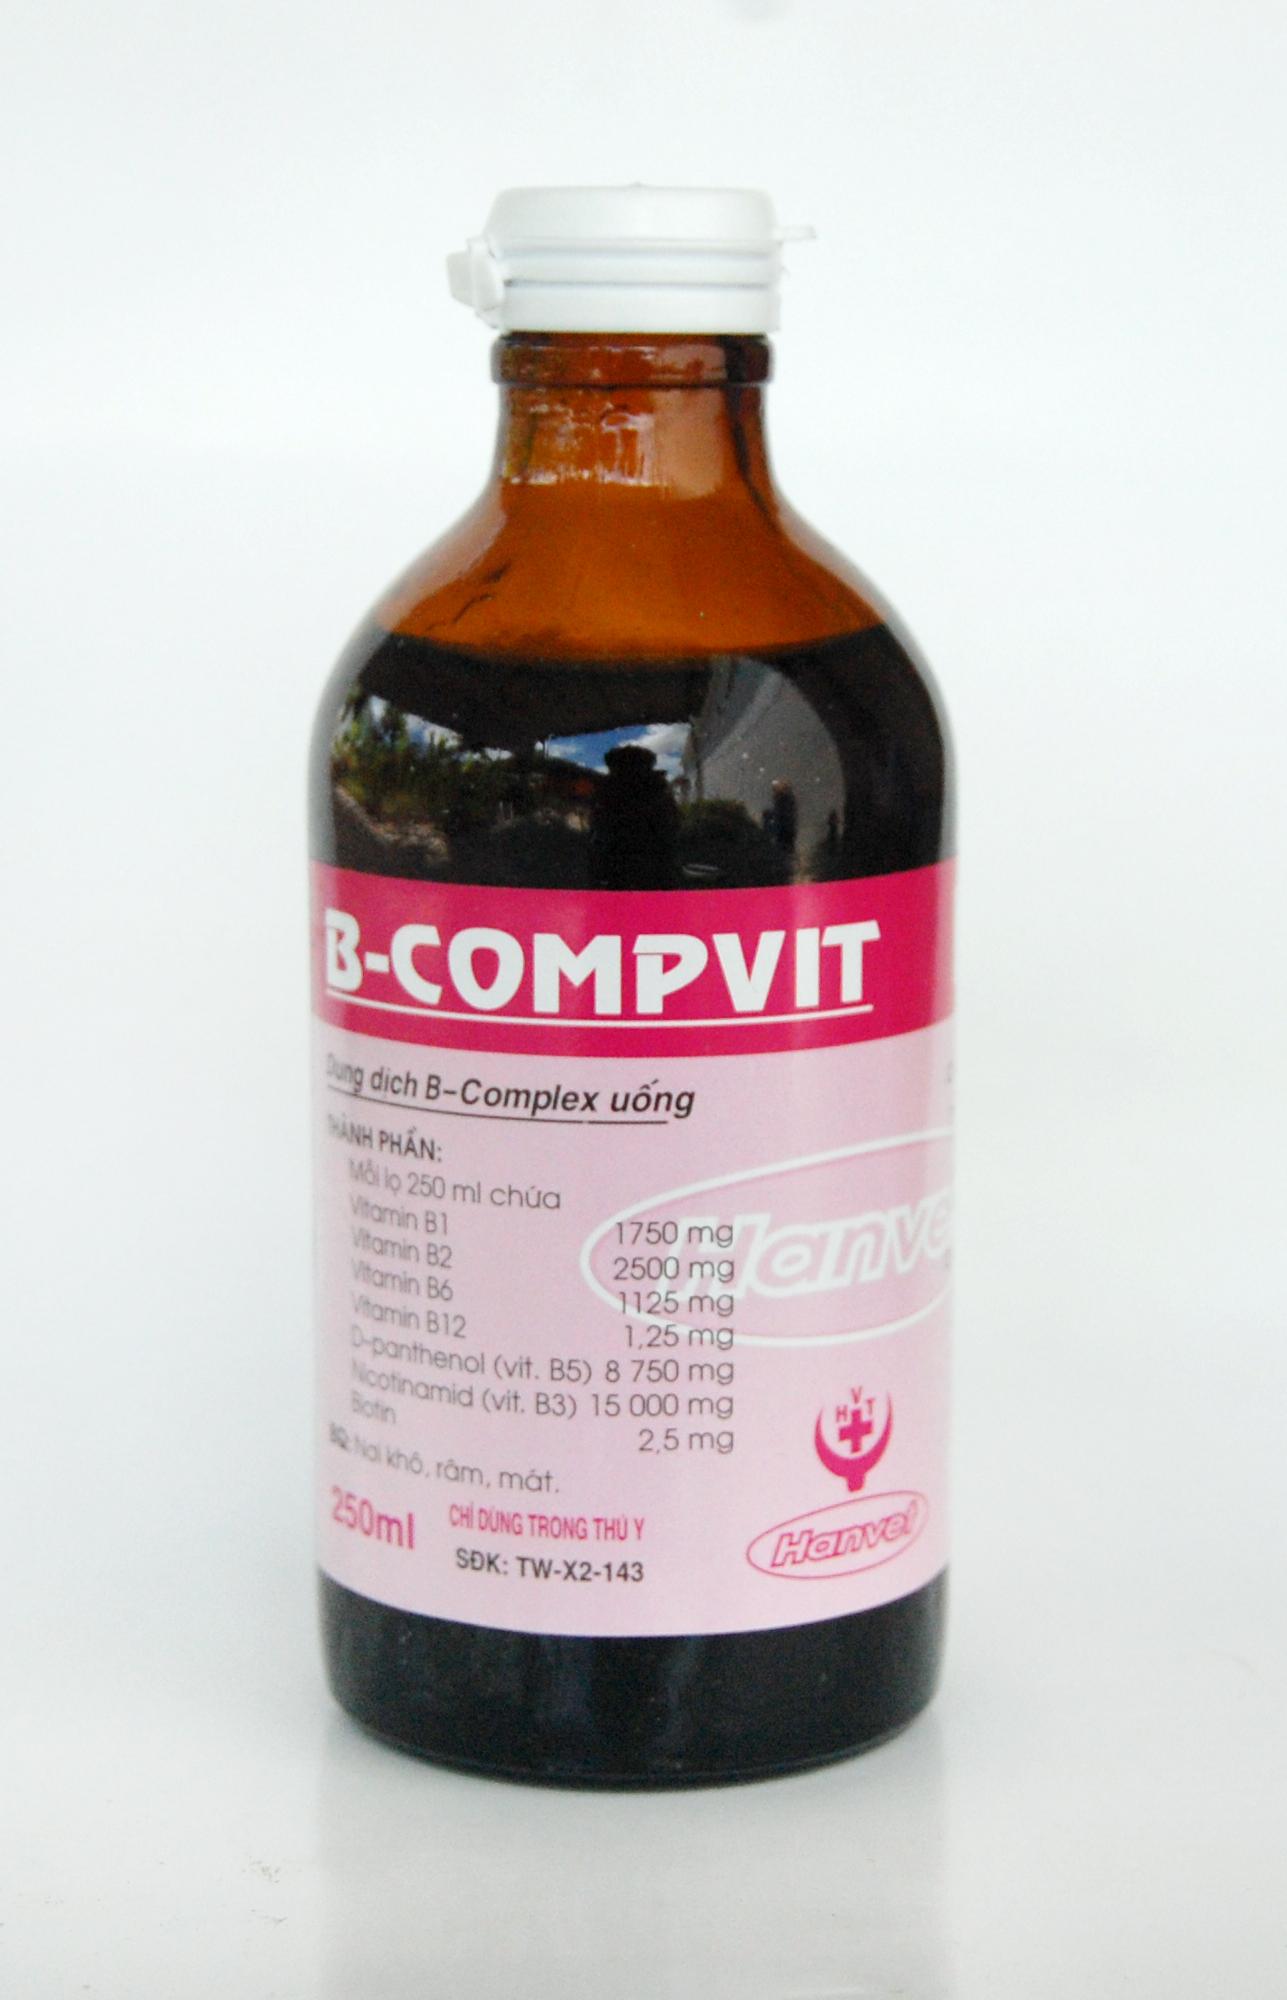 B-COMPVIT